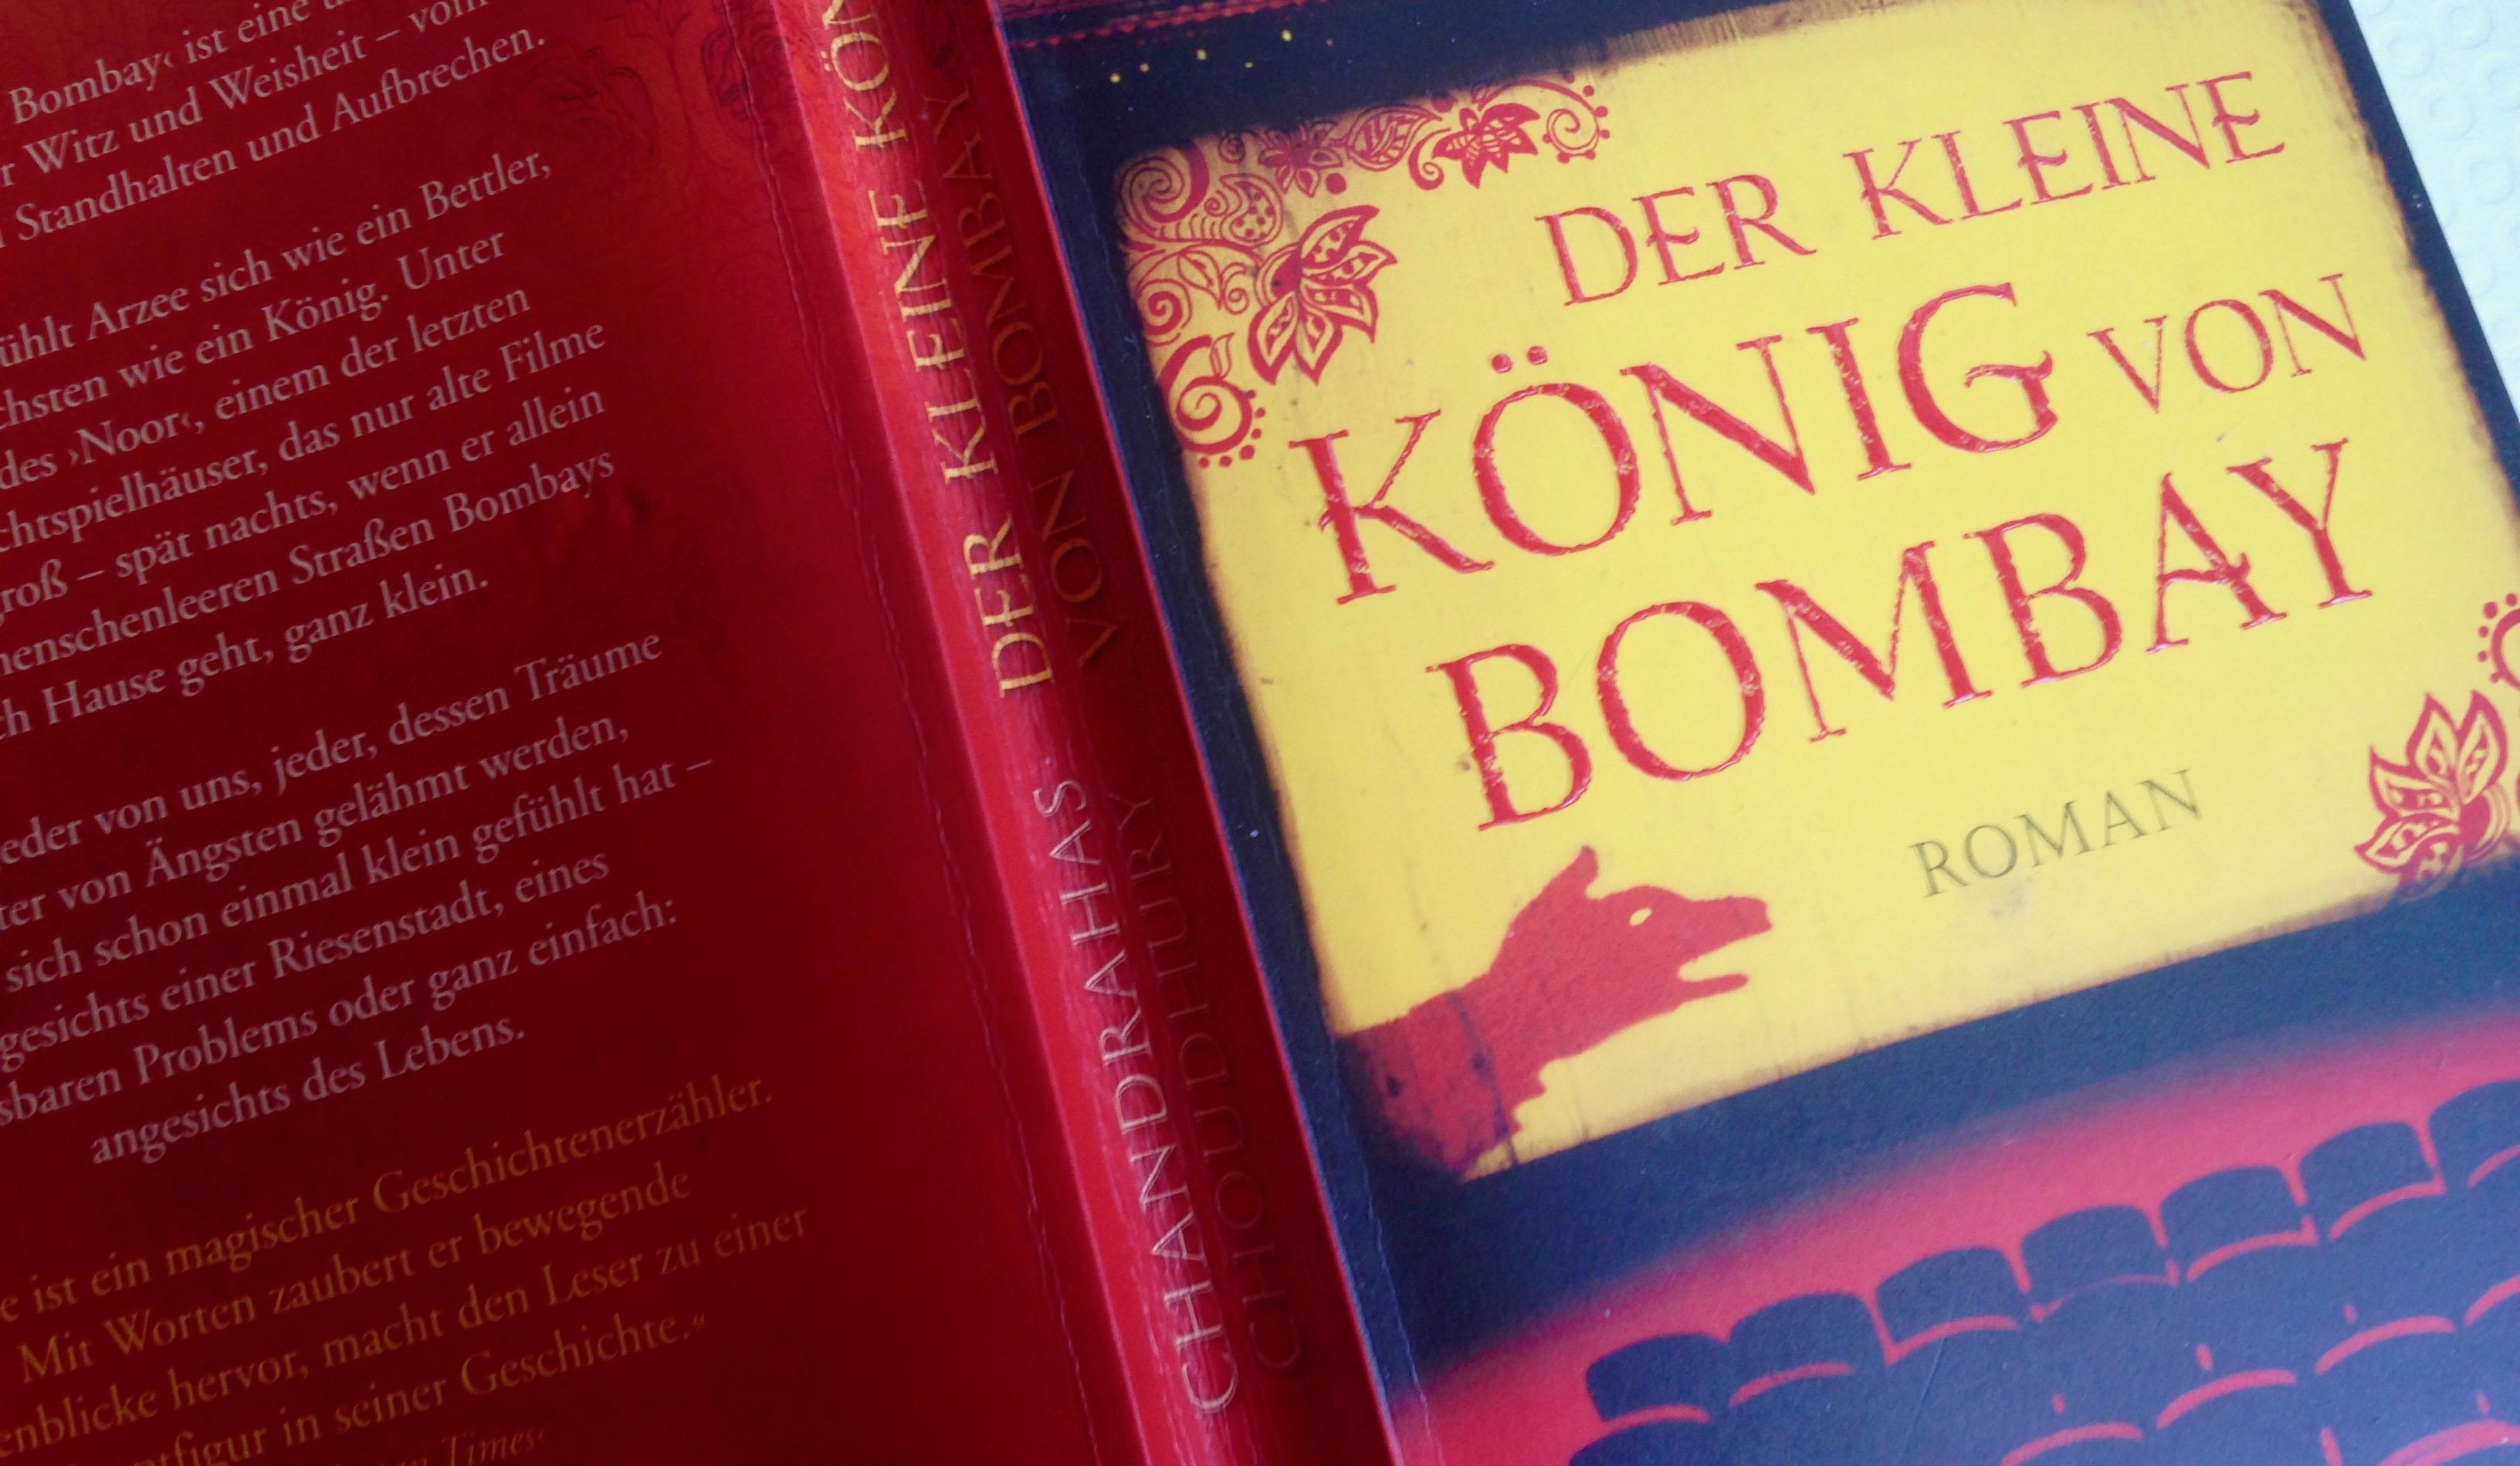 """Buchcover """"Der kleine König von Bombay"""""""